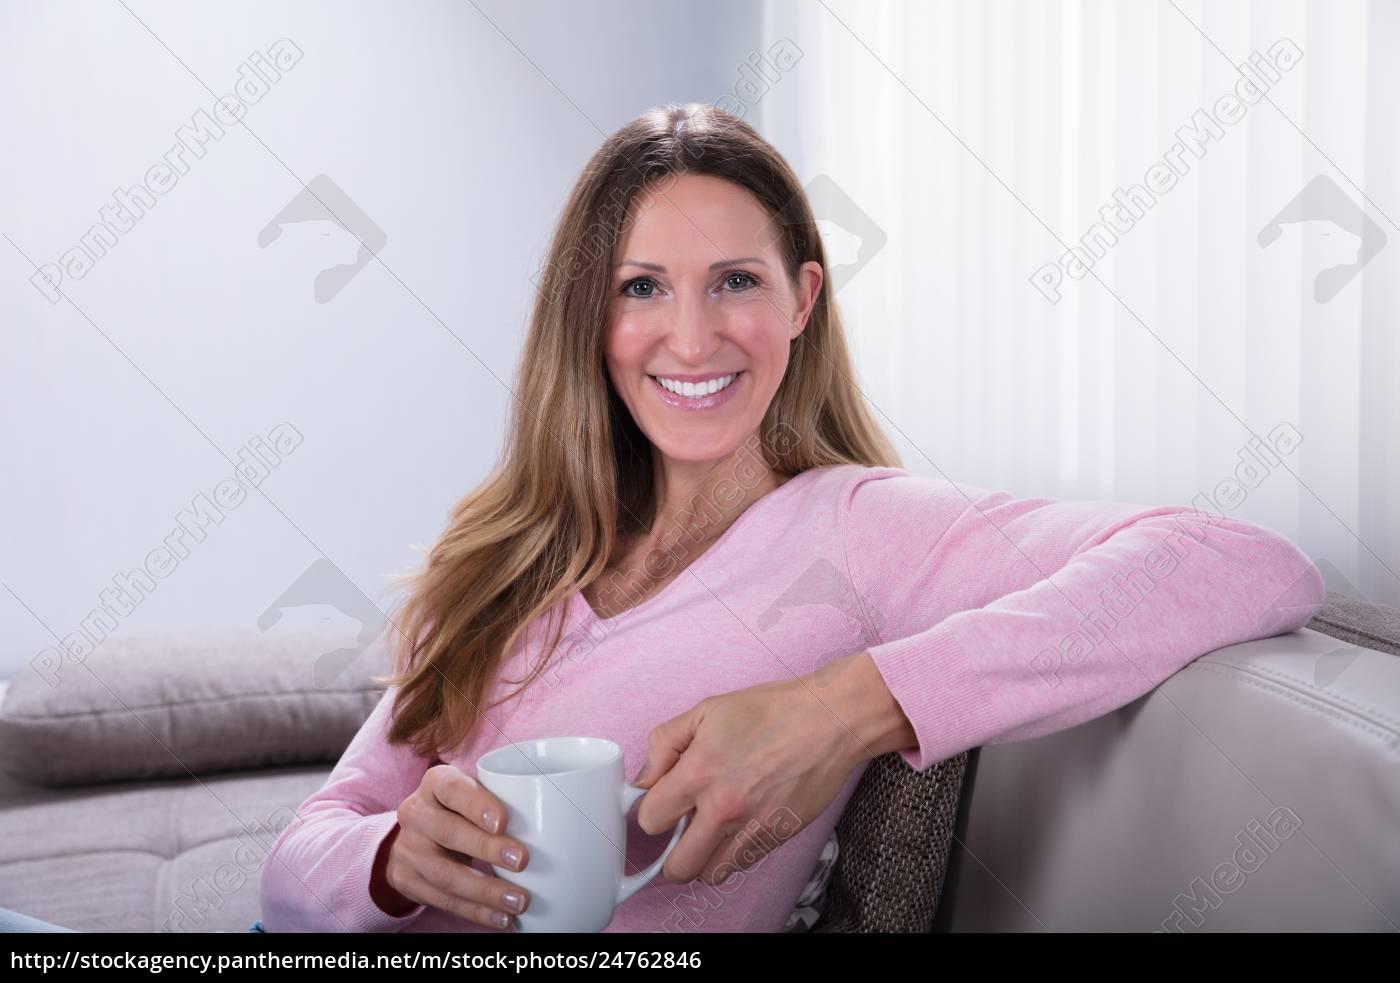 szczęśliwa, kobieta, siedzi, na, kanapie, holding - 24762846